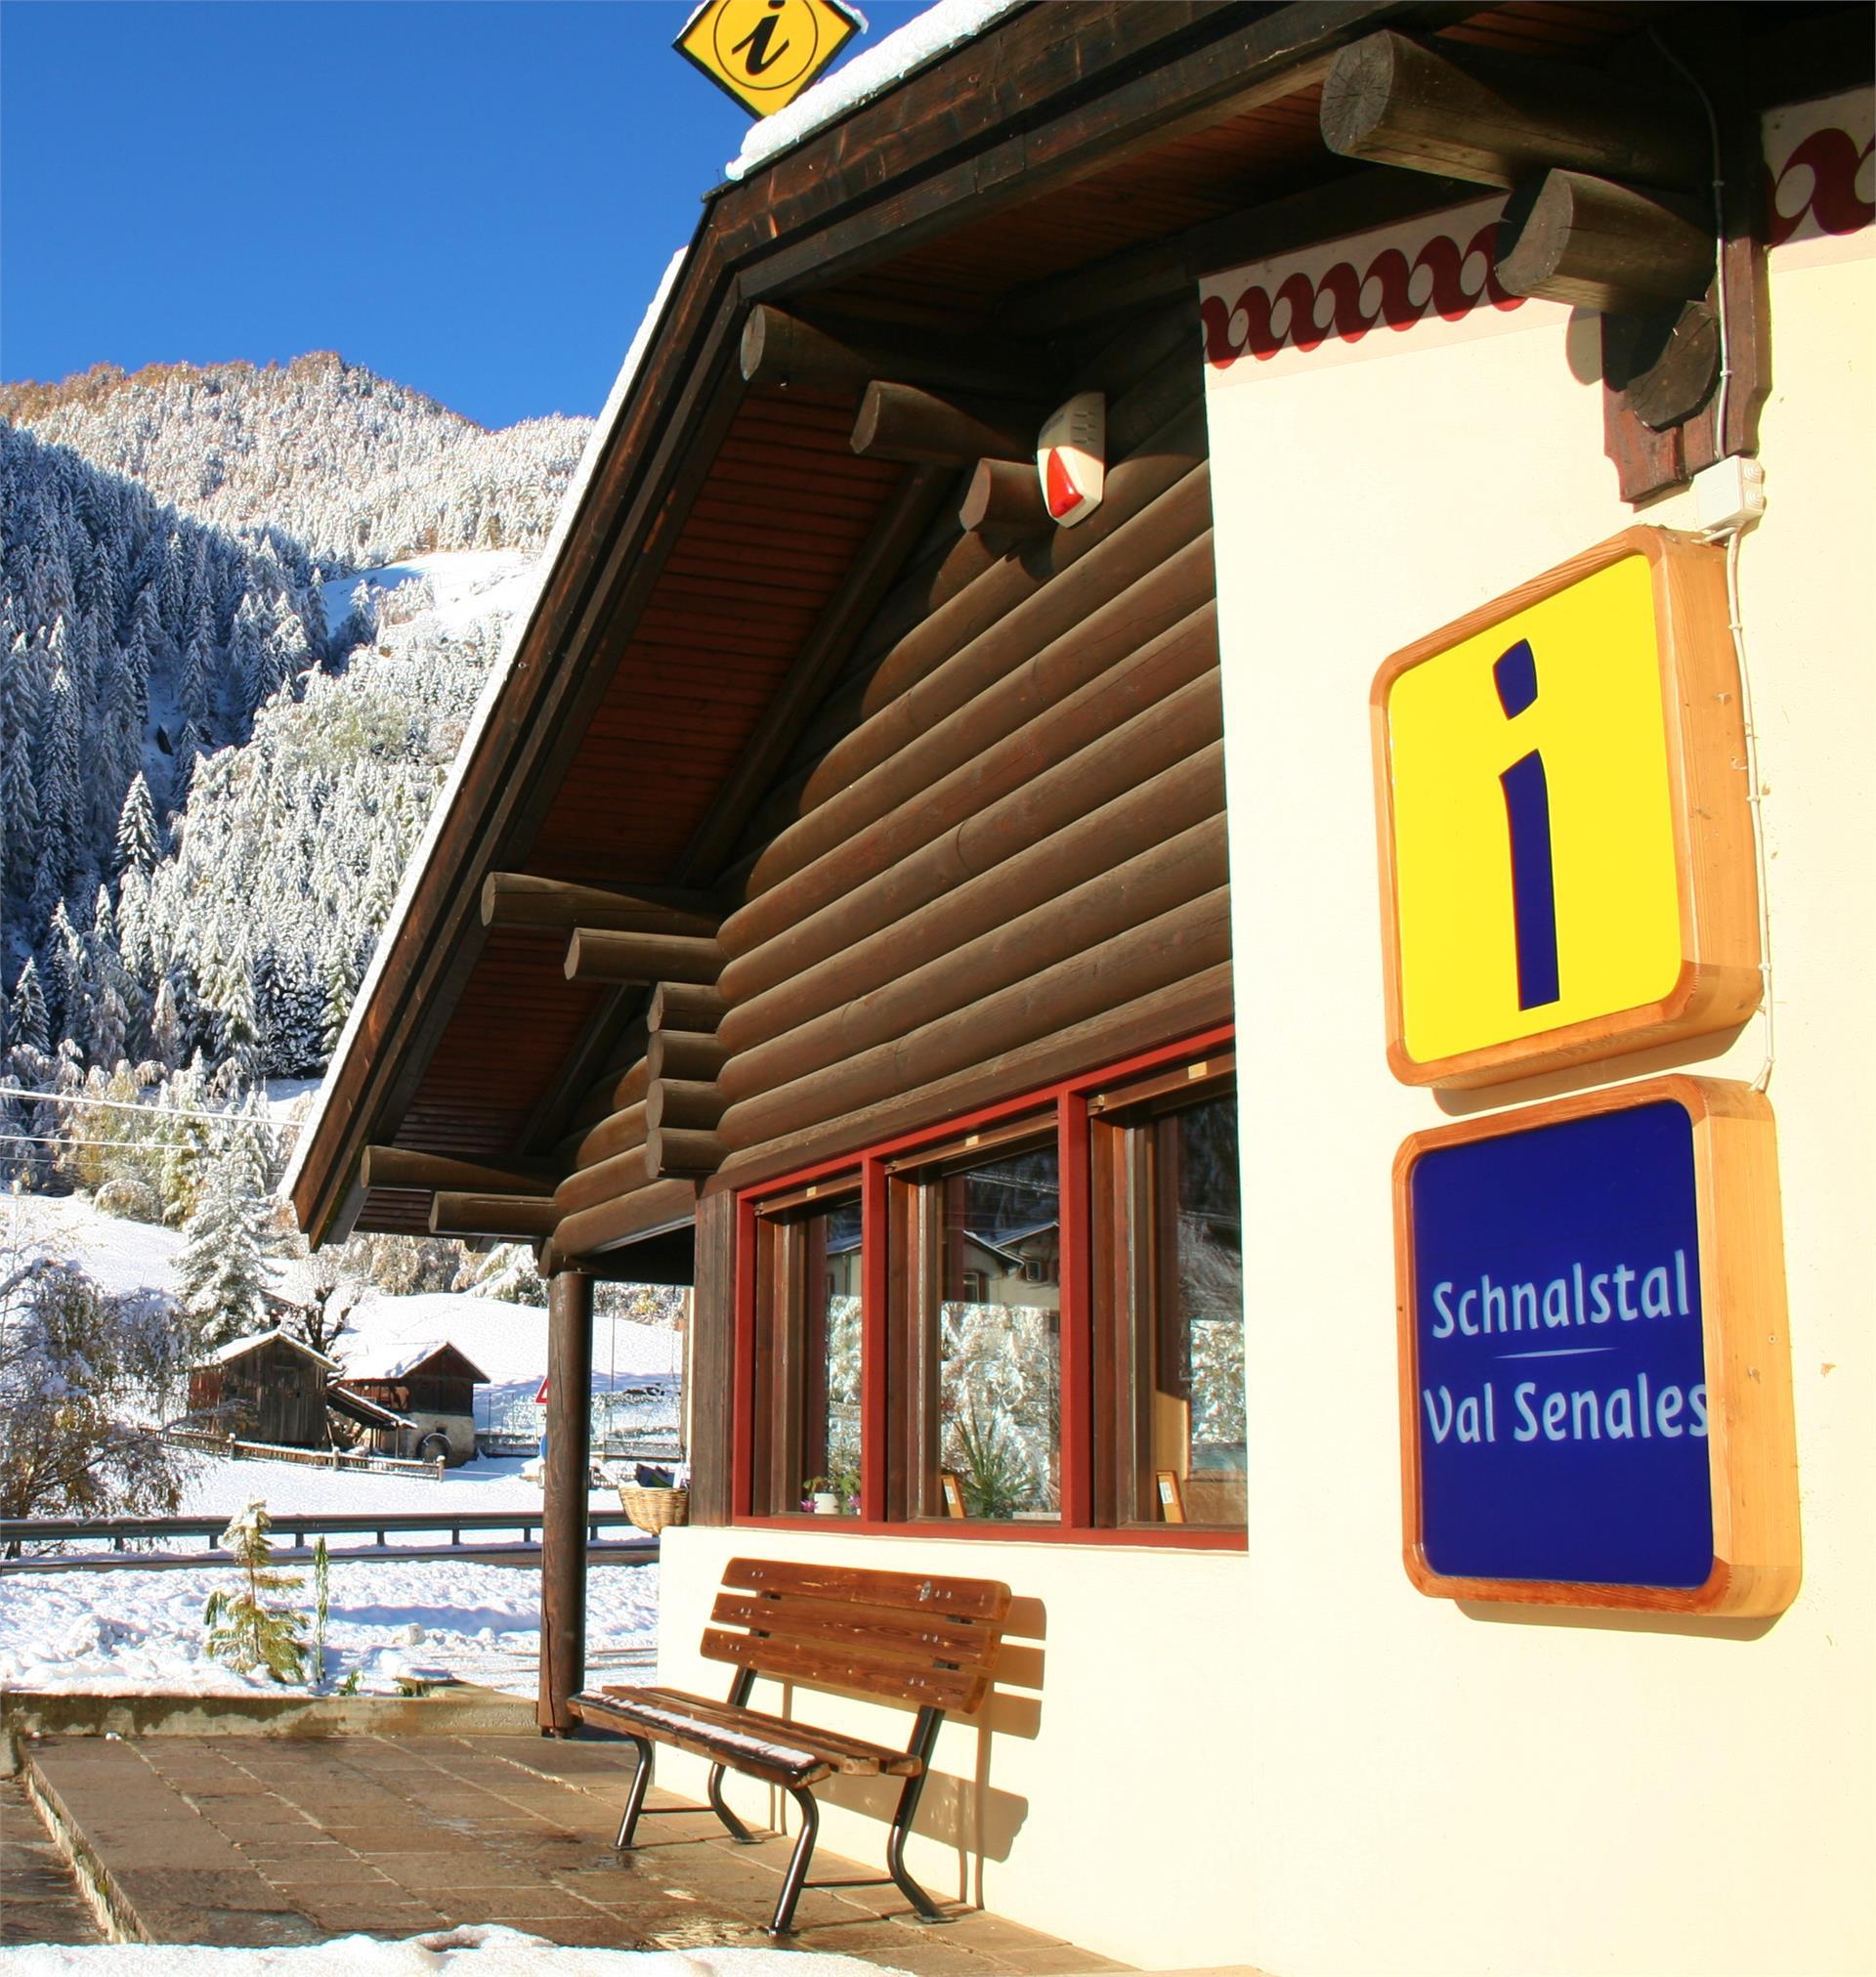 Tourismusverein Schnalstal